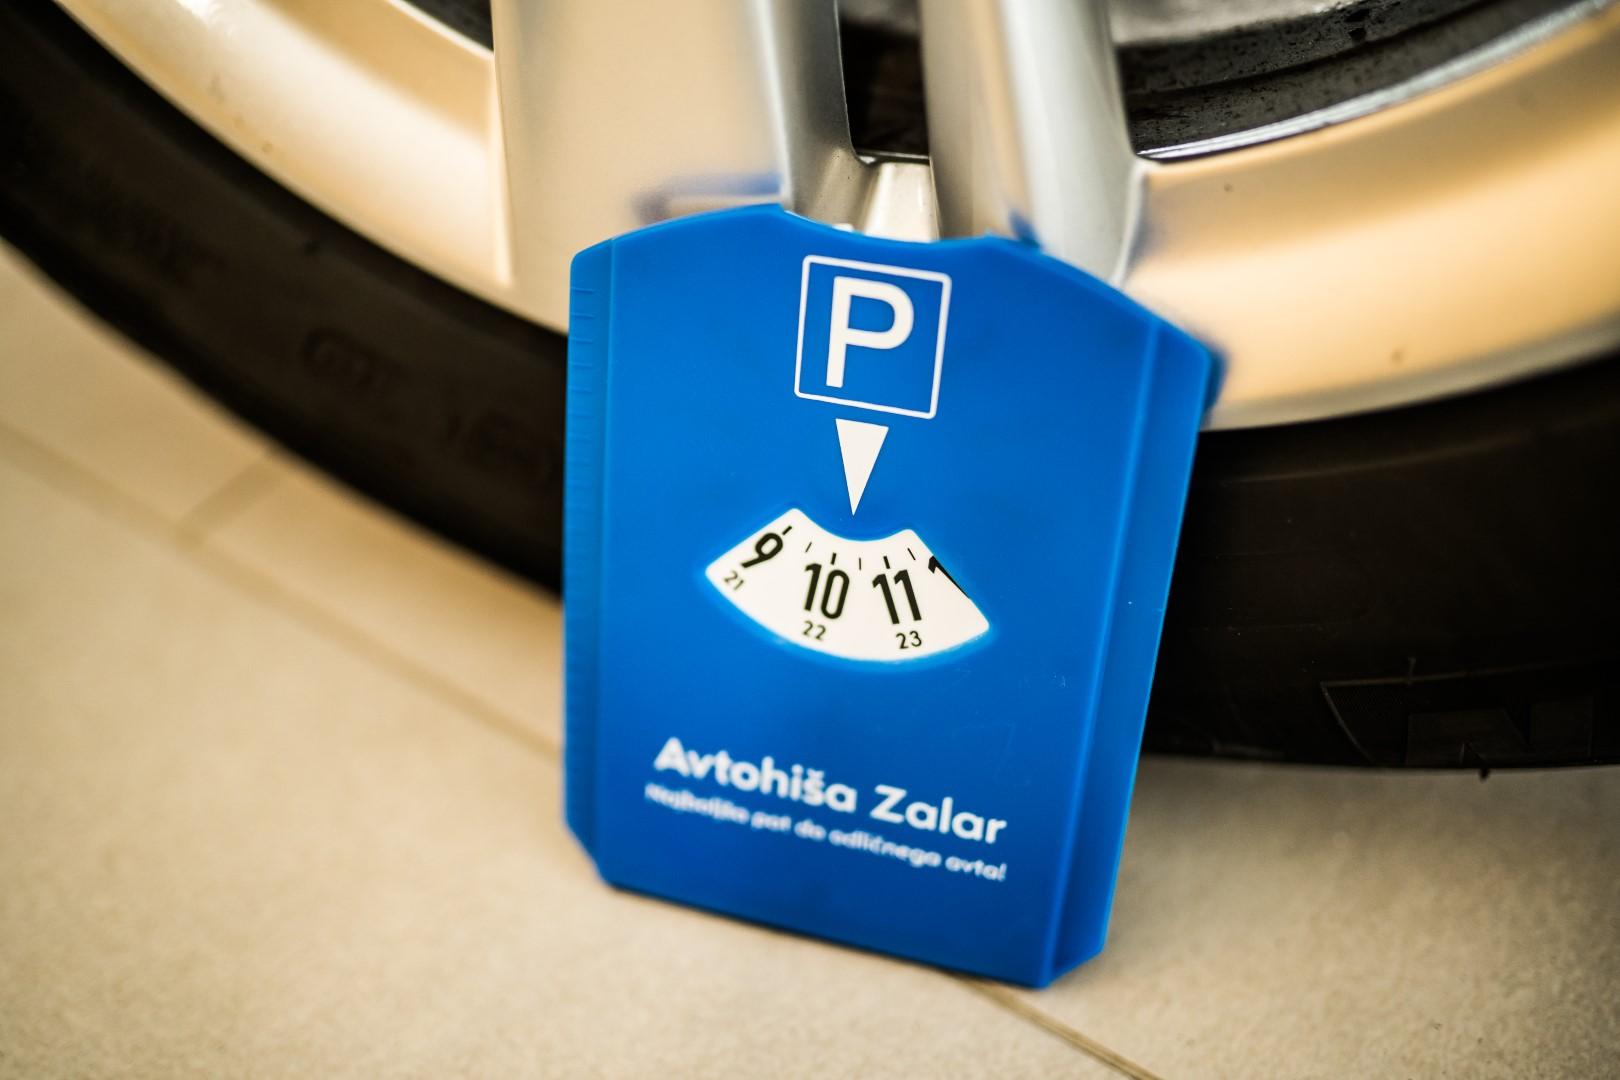 avtohisa-zalar-nakup-prodaja-vozil-astra-insignia-zavarovanje-servis (1)